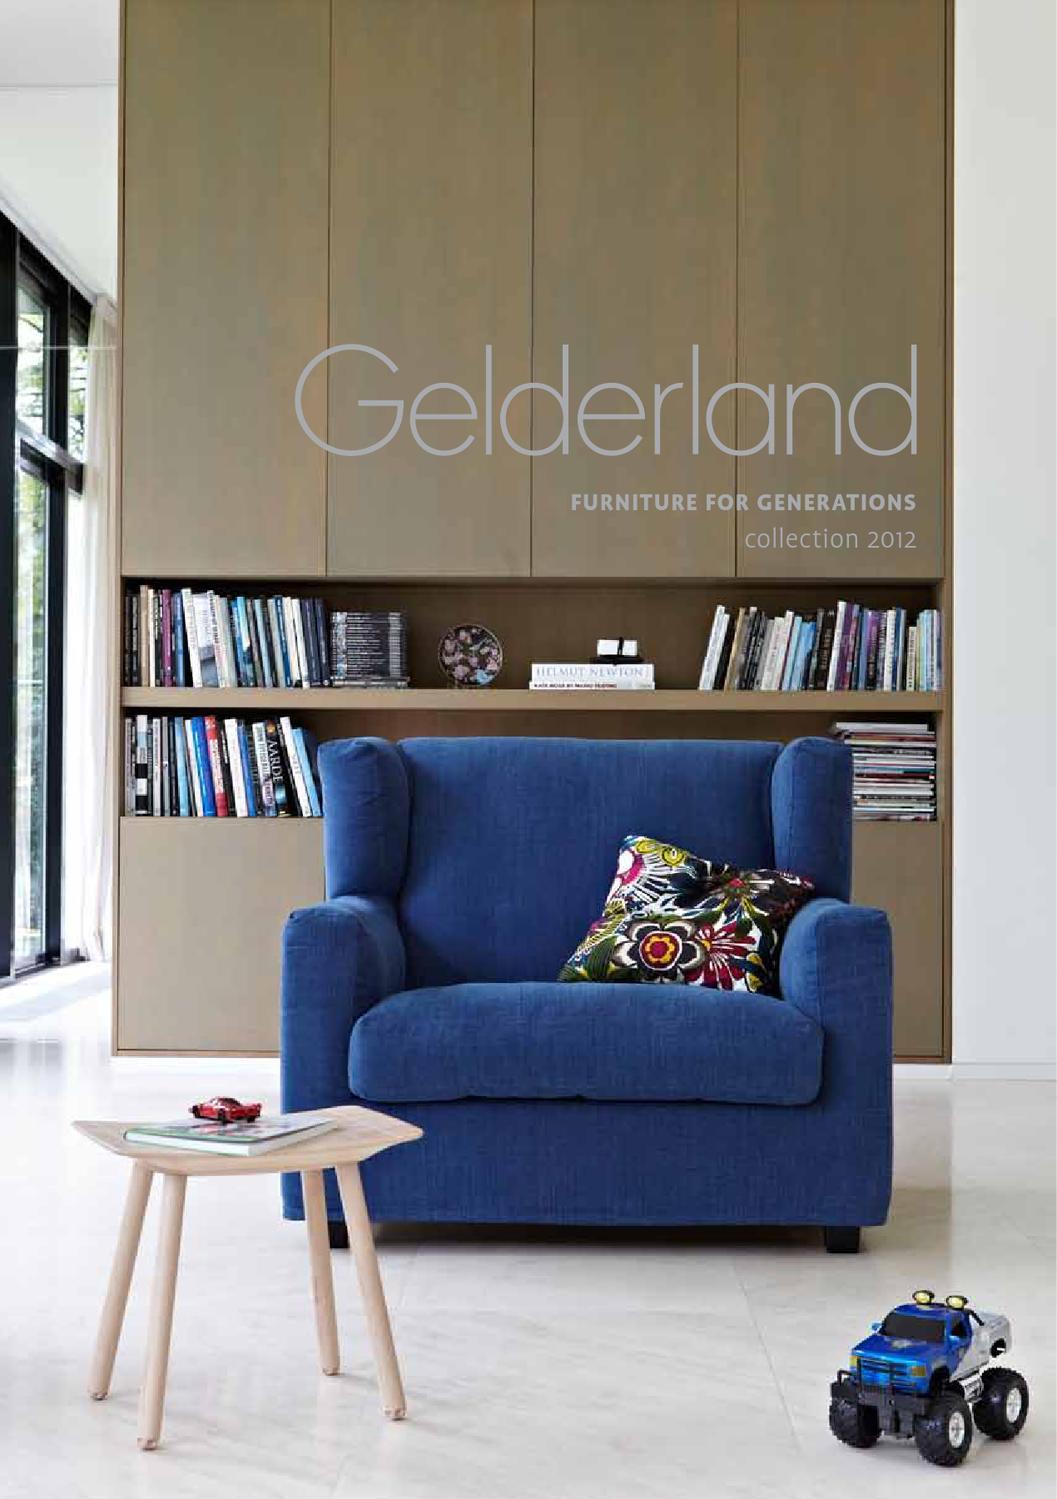 Gelderland Stoelen Lucca.Gelderland Catalogus 2012 By Design013 Issuu